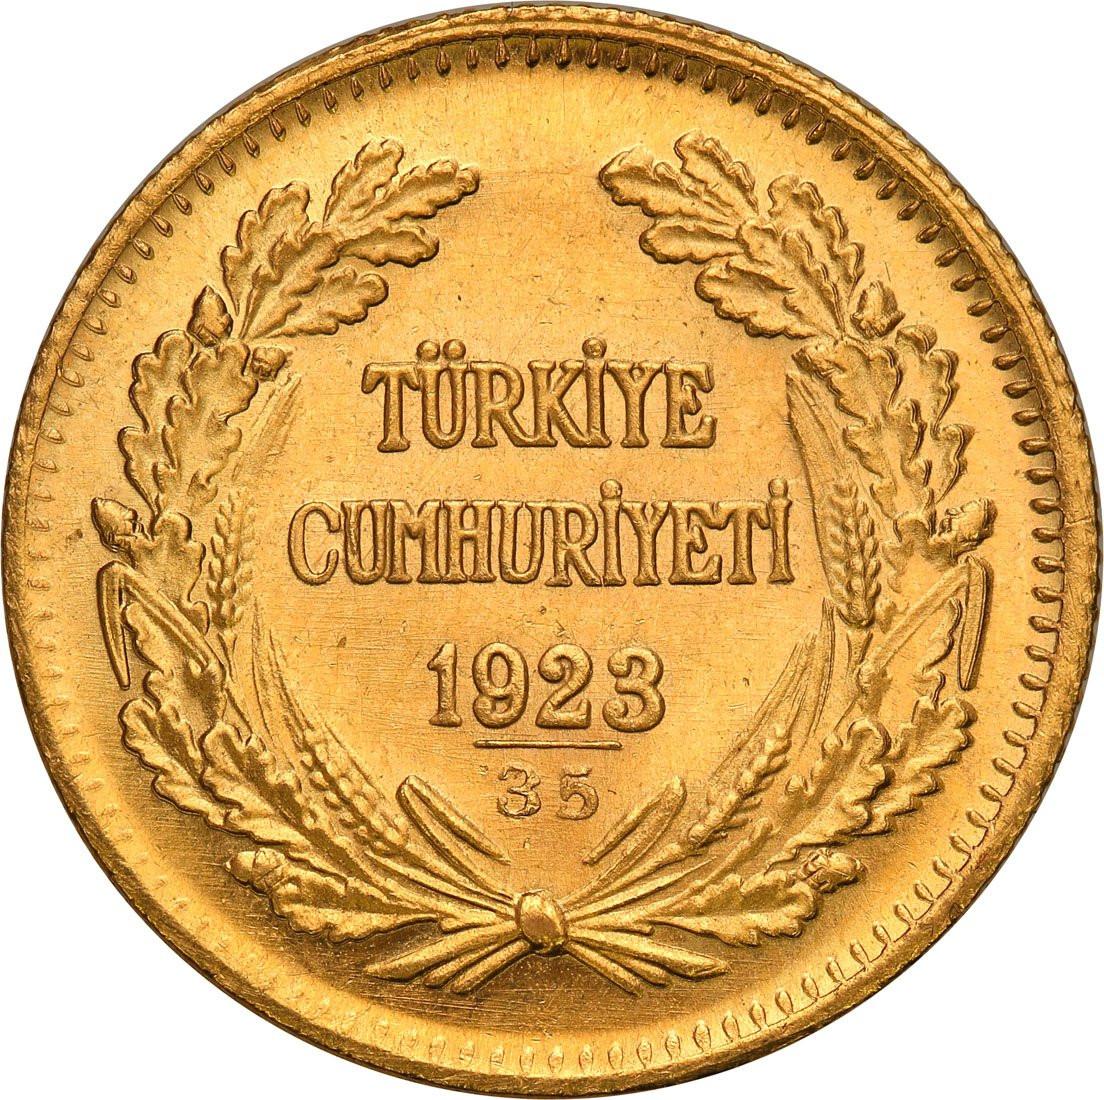 Turcja 100 piastrów 1958 (1923 + 35)